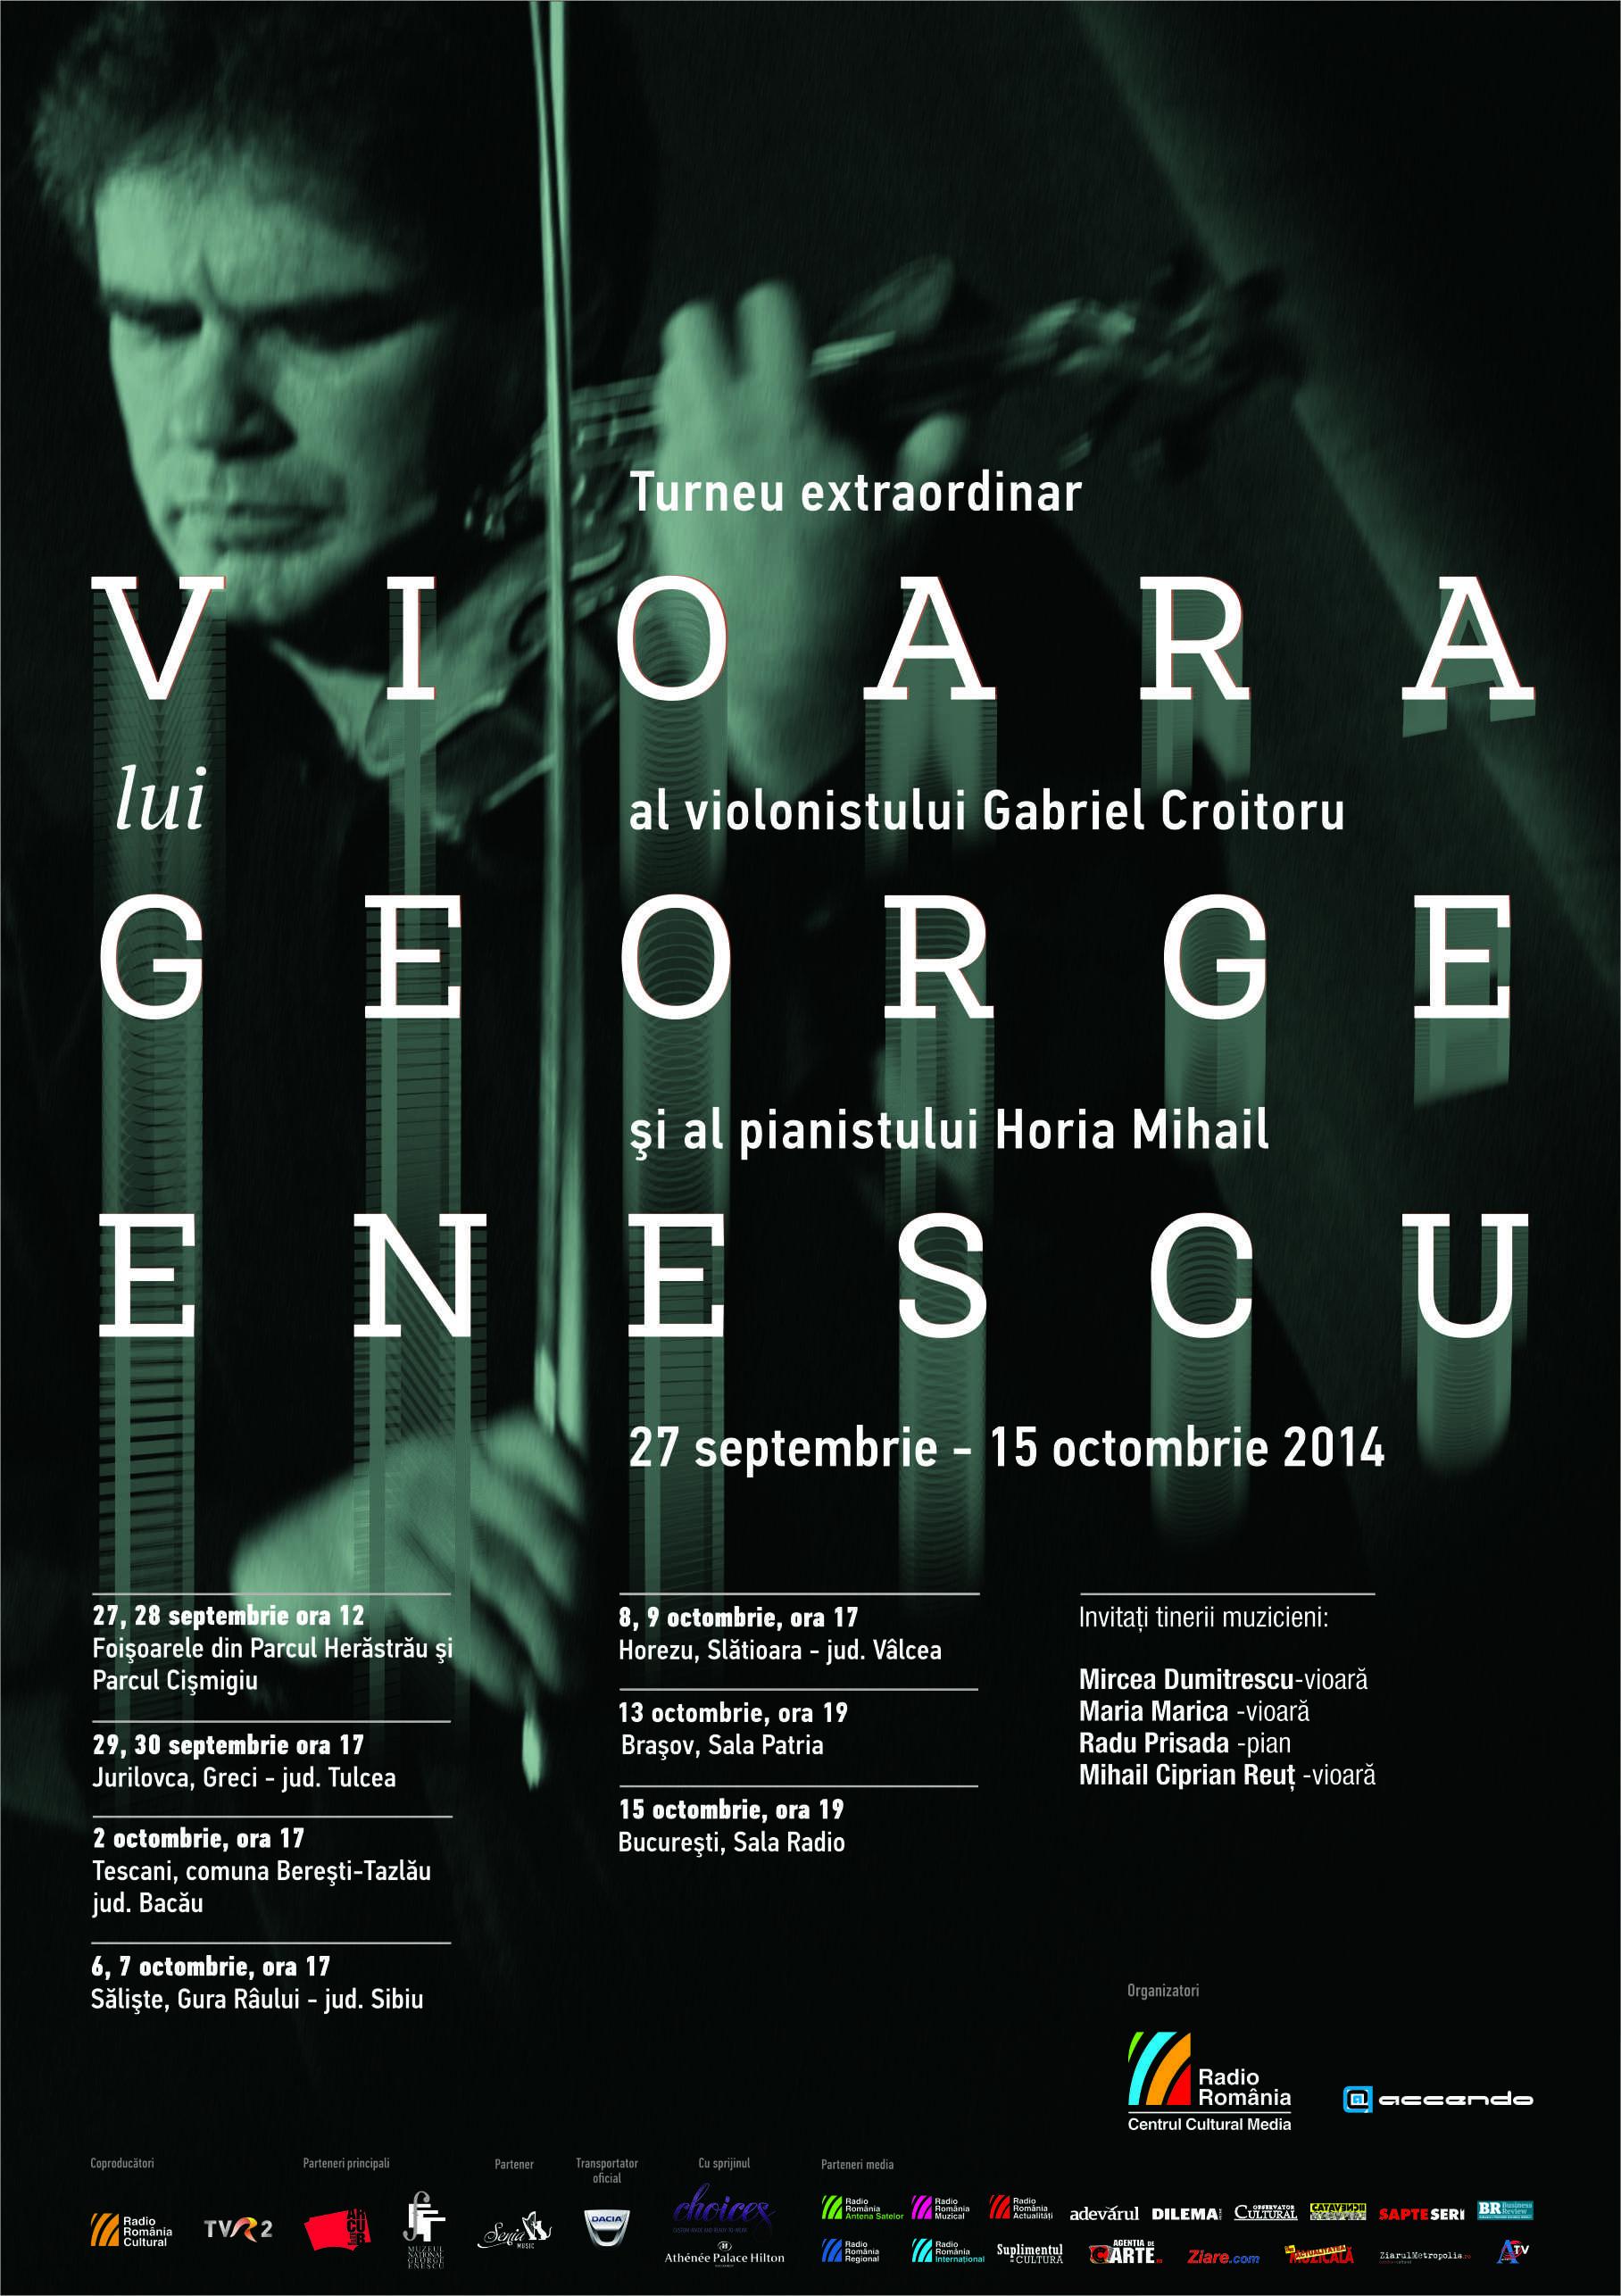 Vioara lui Enescu 2014 afis final